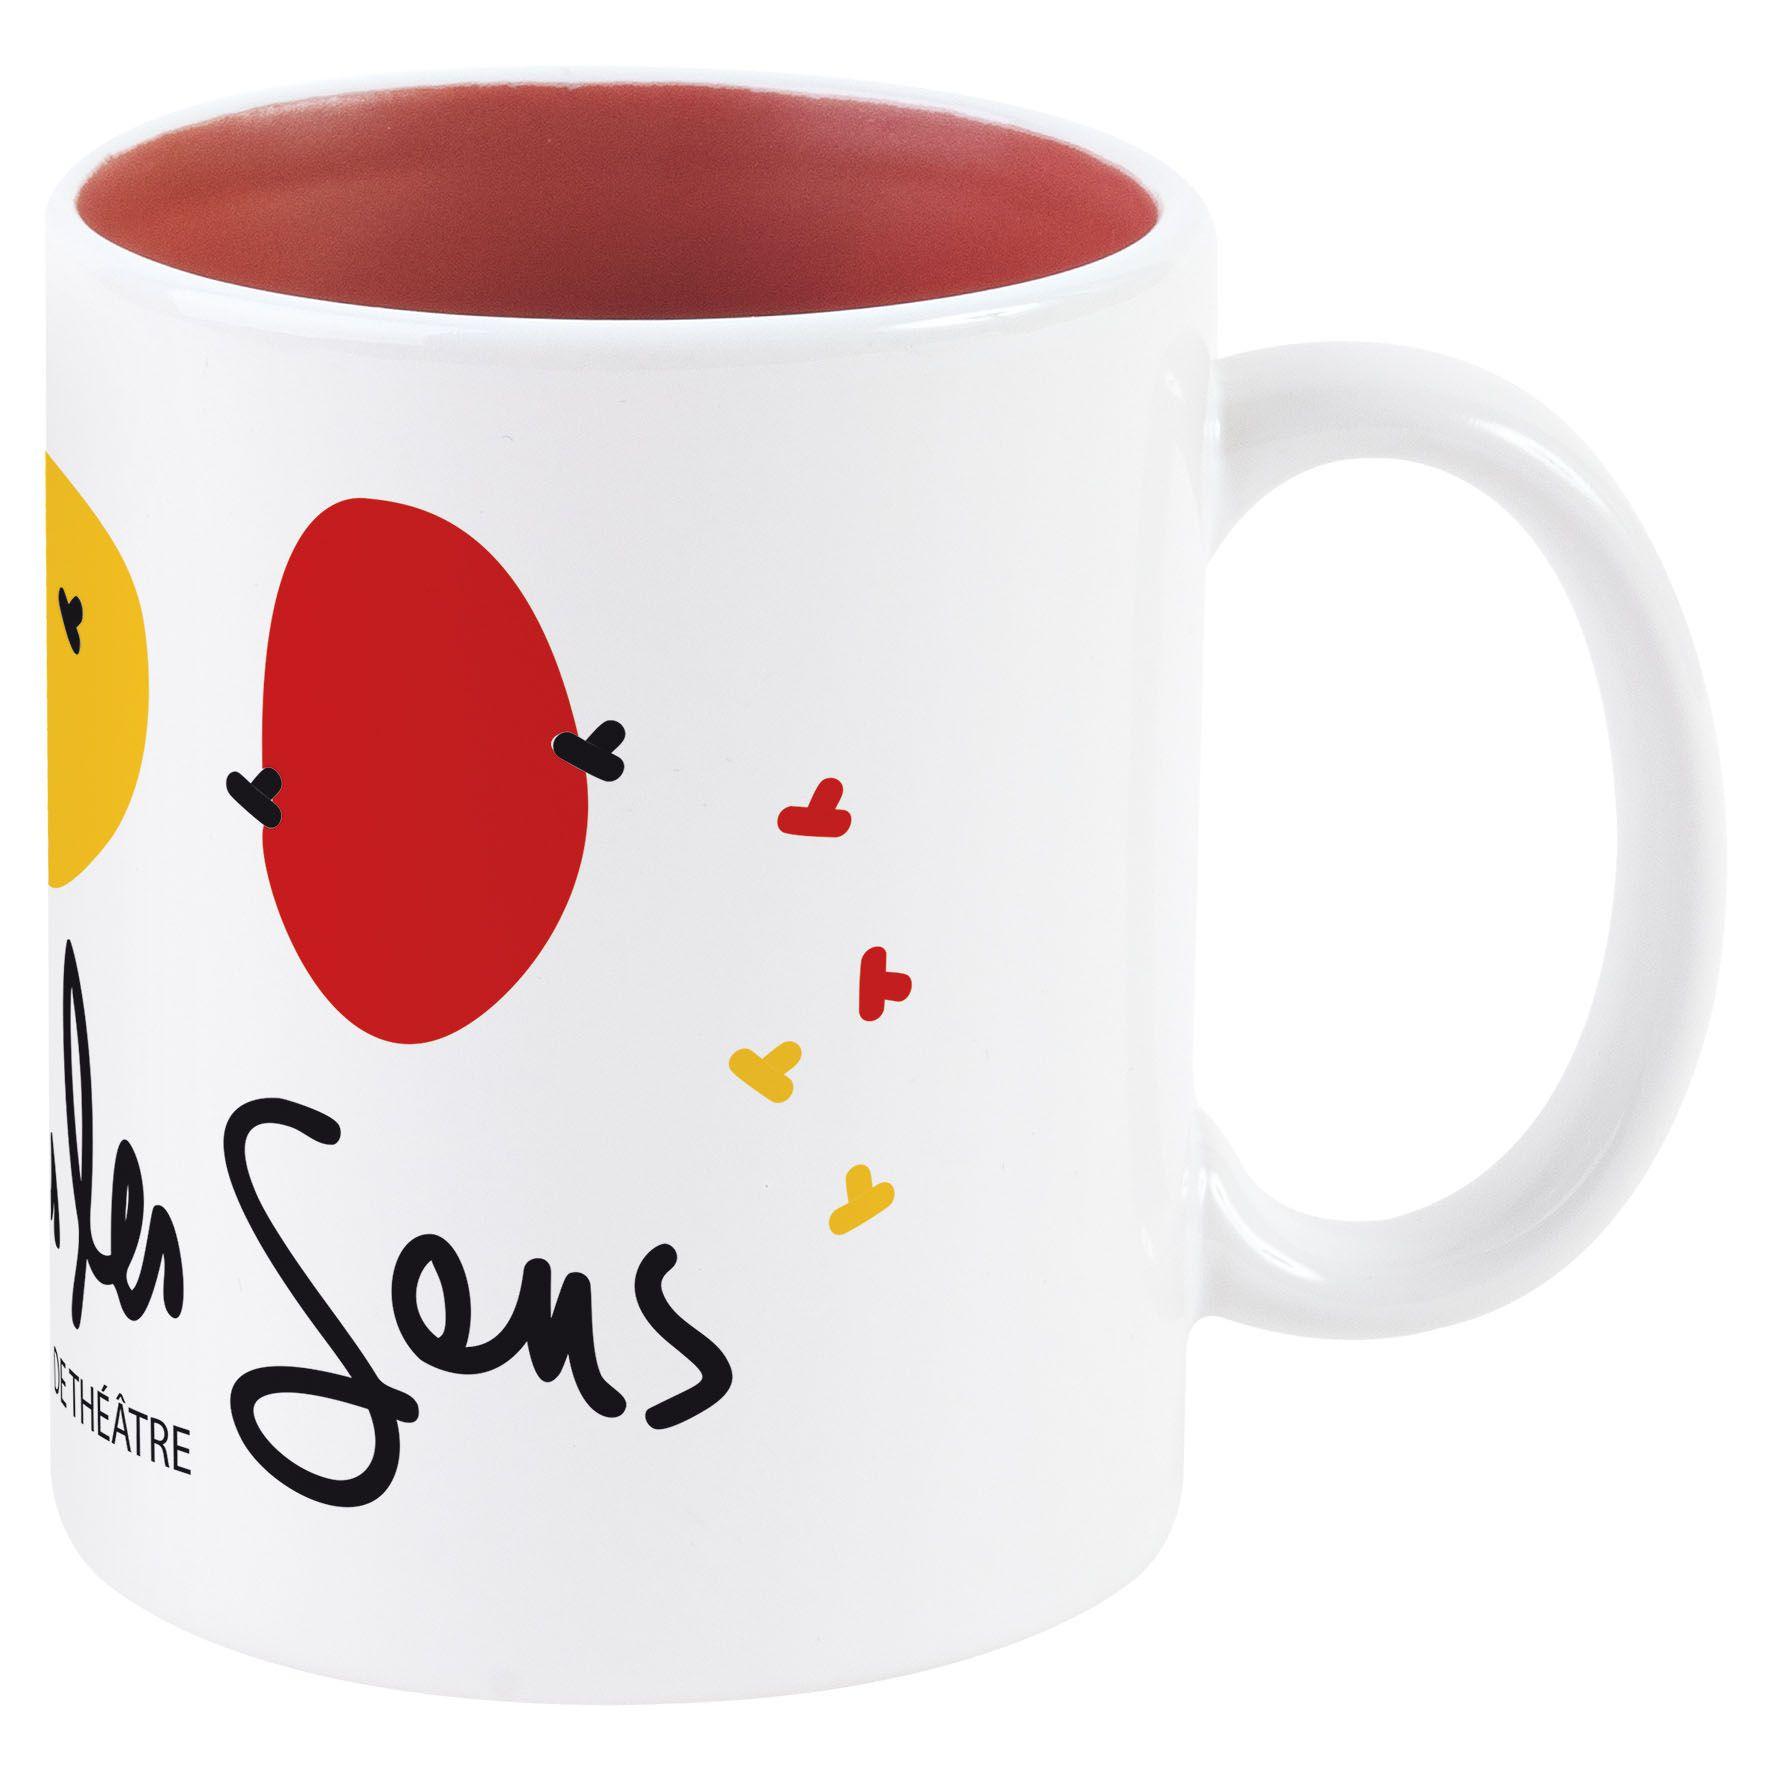 Mug publicitaire Bicolore pour sublimation 31 cl - mug personnalisable - bleu